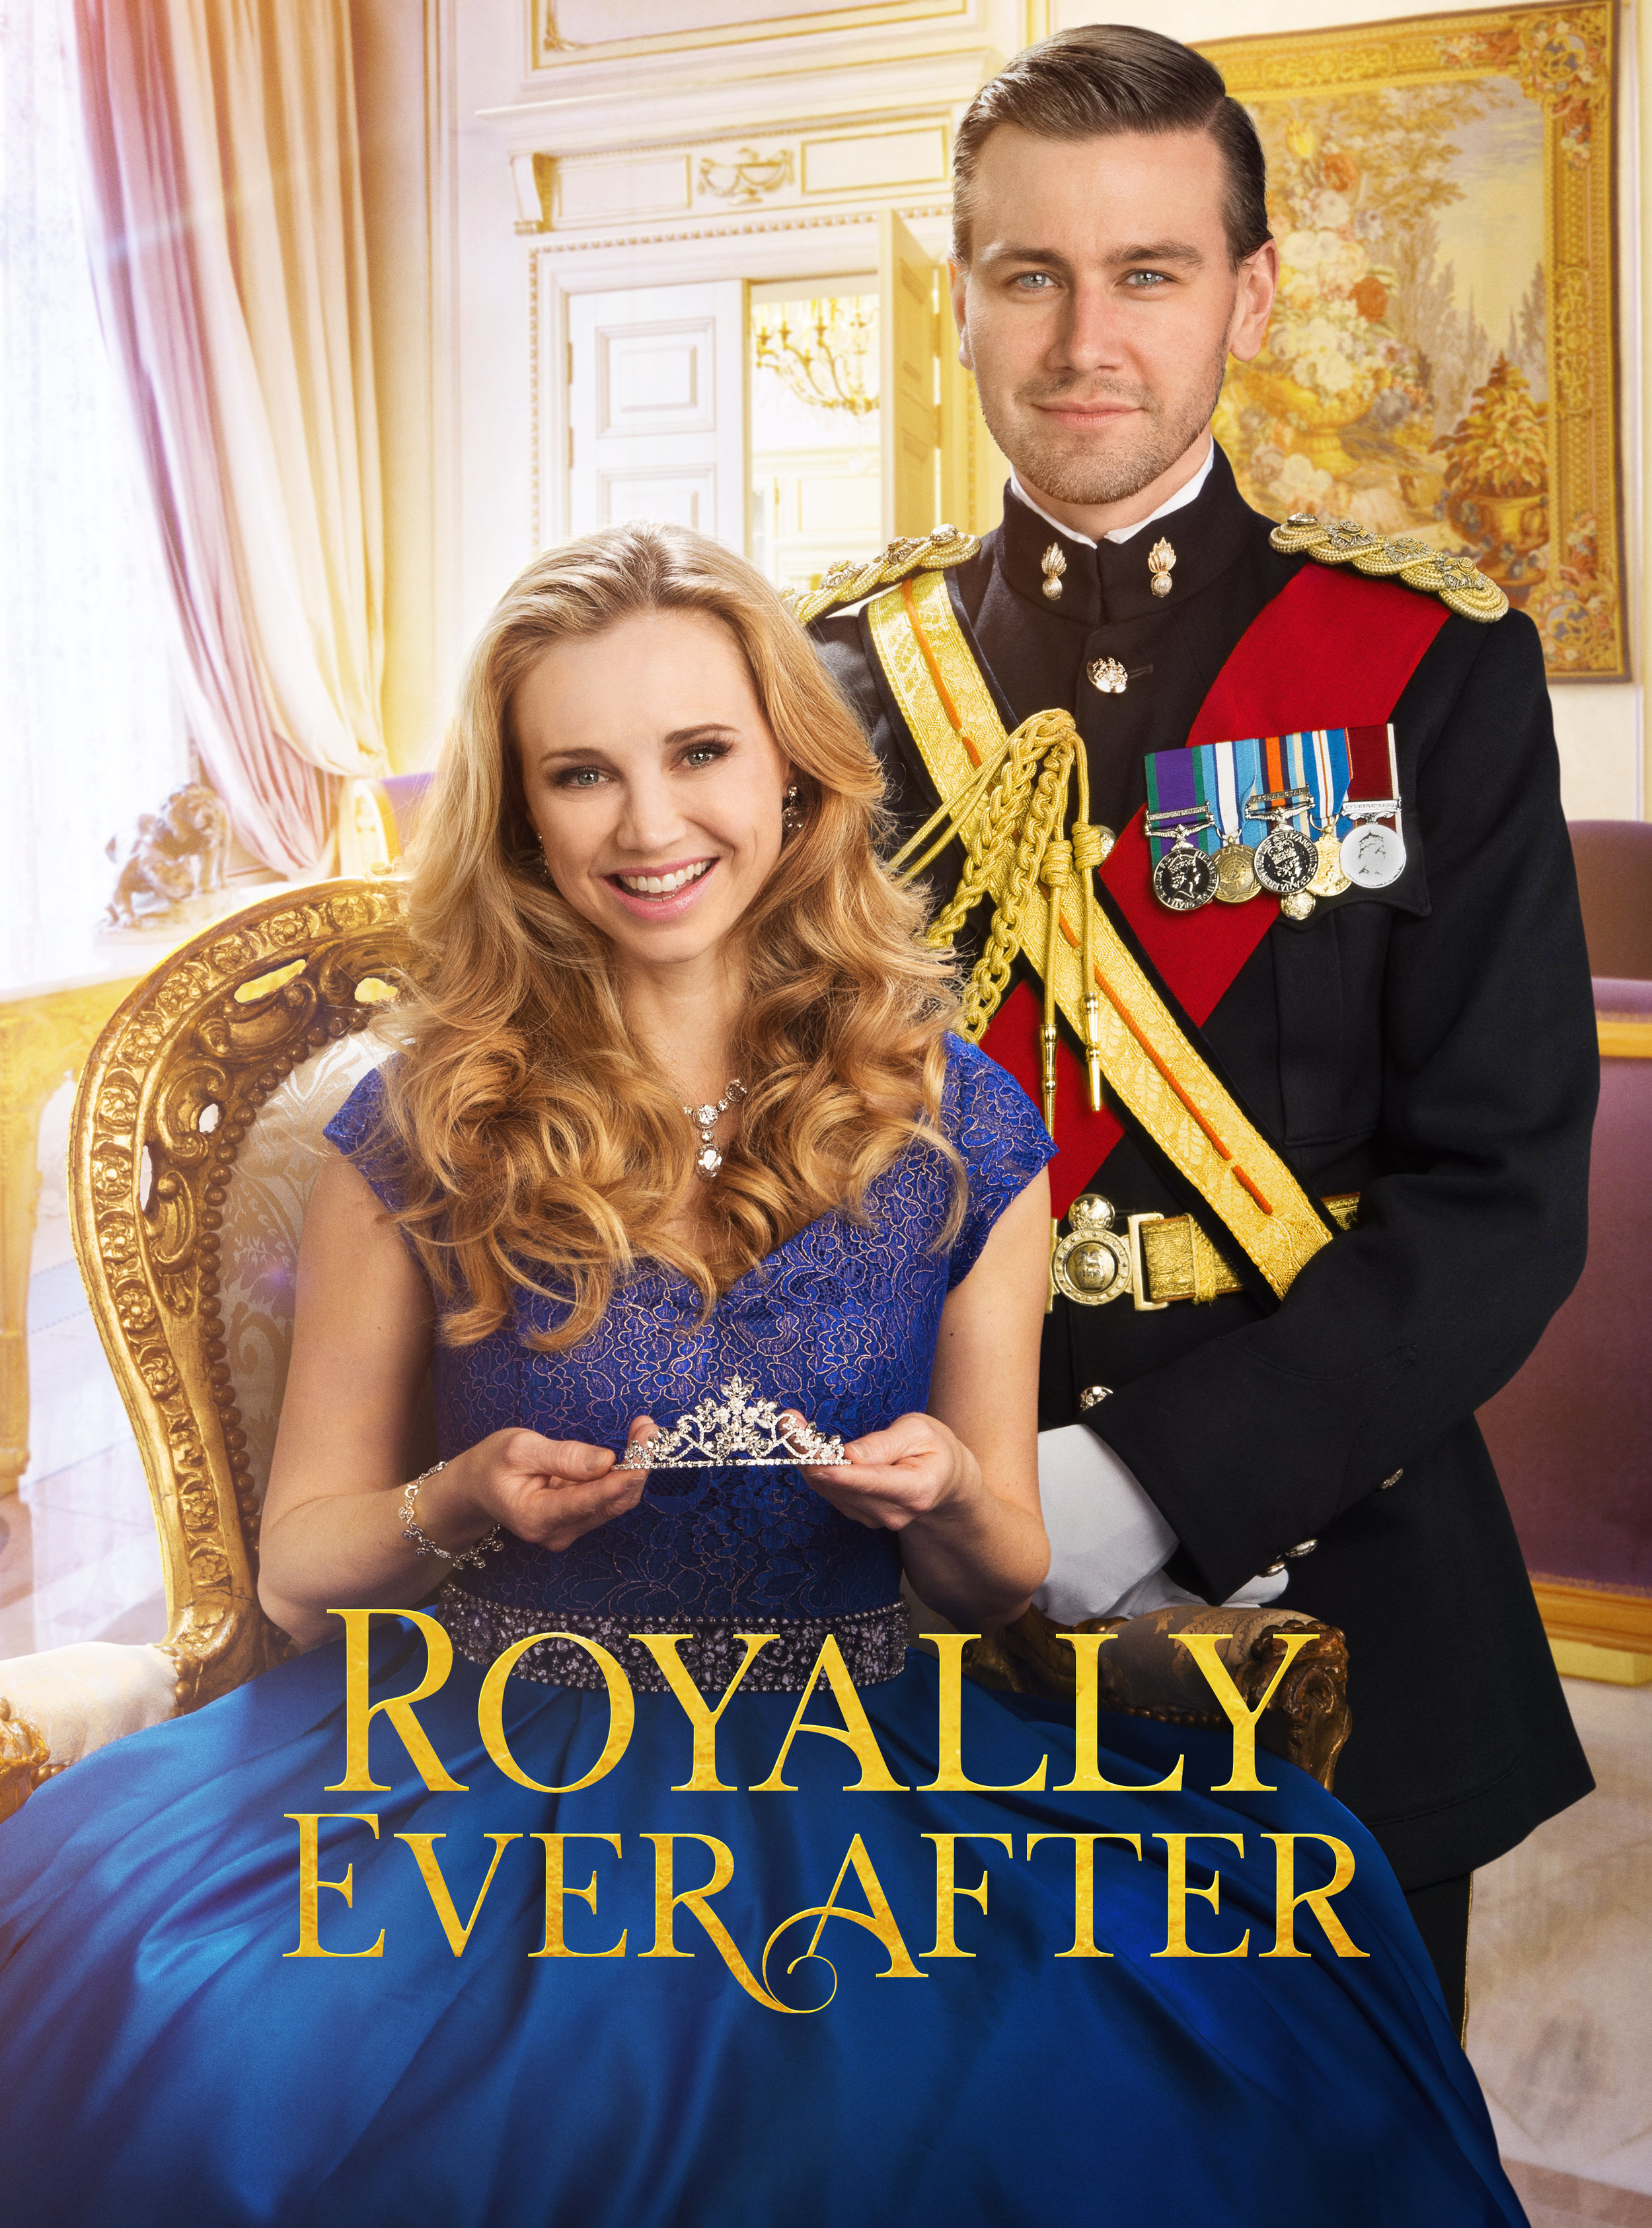 RoyallyEverAfter_FKA_S.jpg